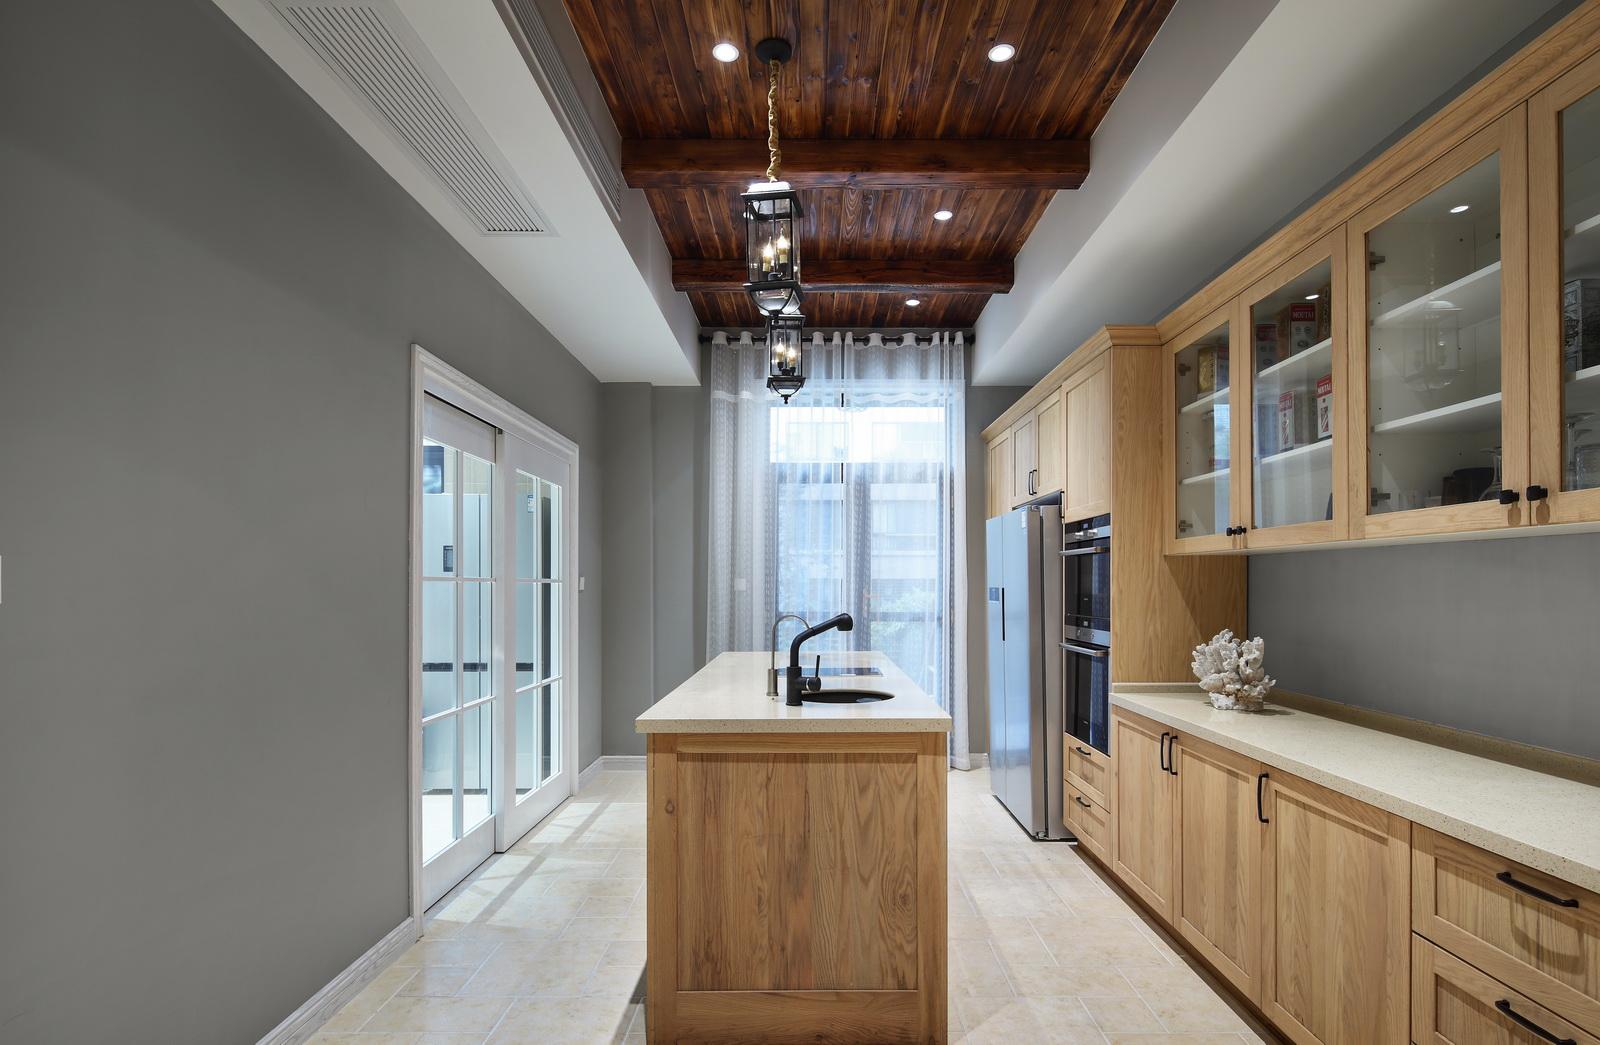 简美风格别墅厨房装修效果图